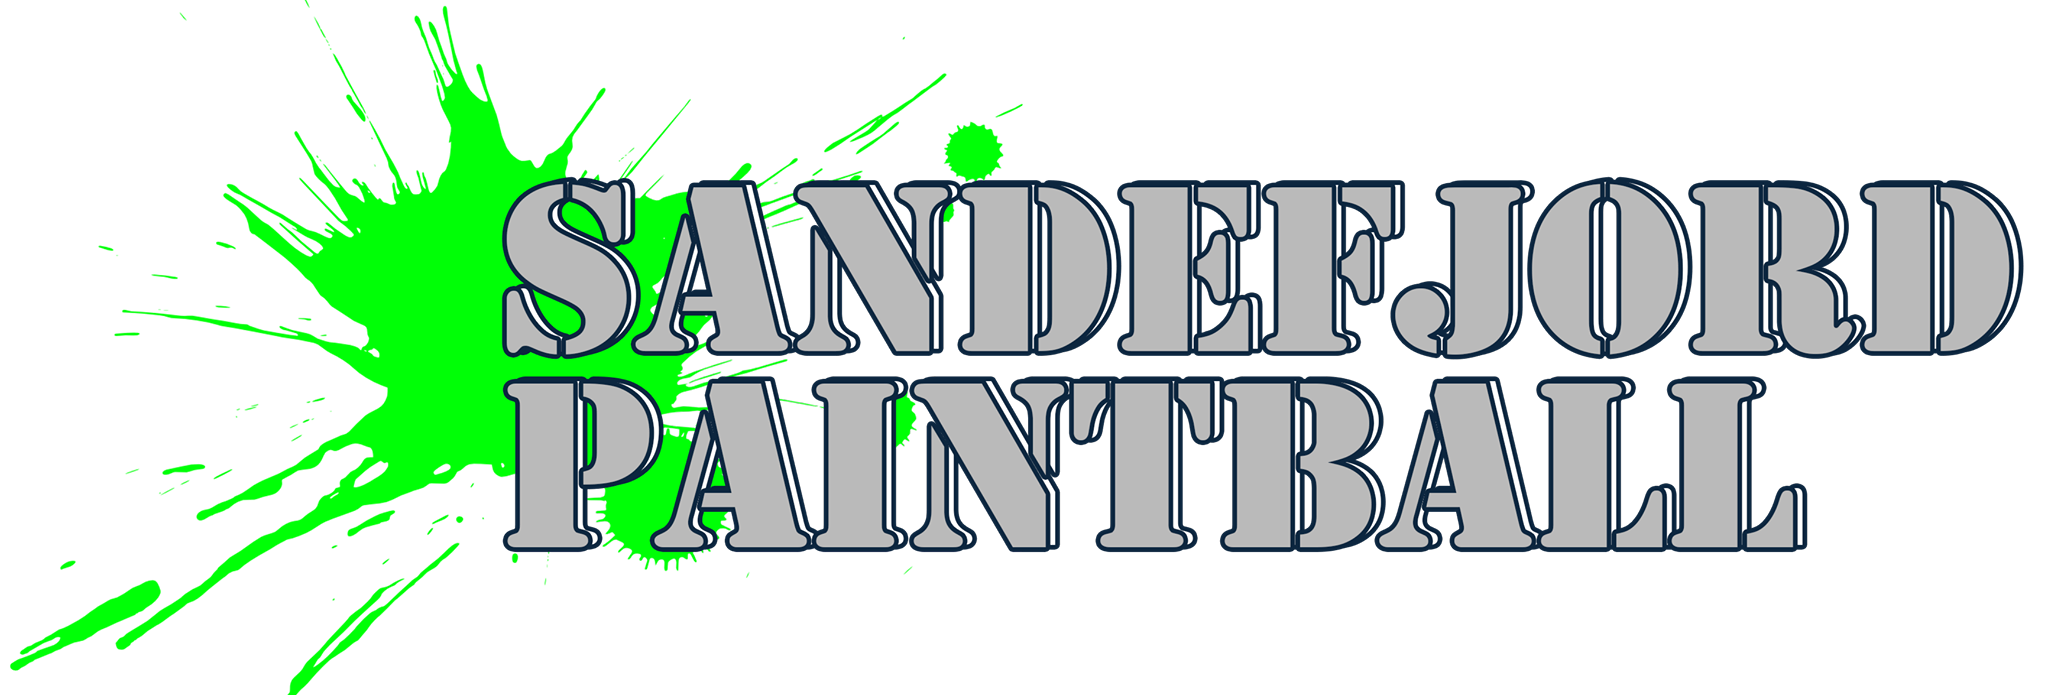 Sandefjord Paintball logo